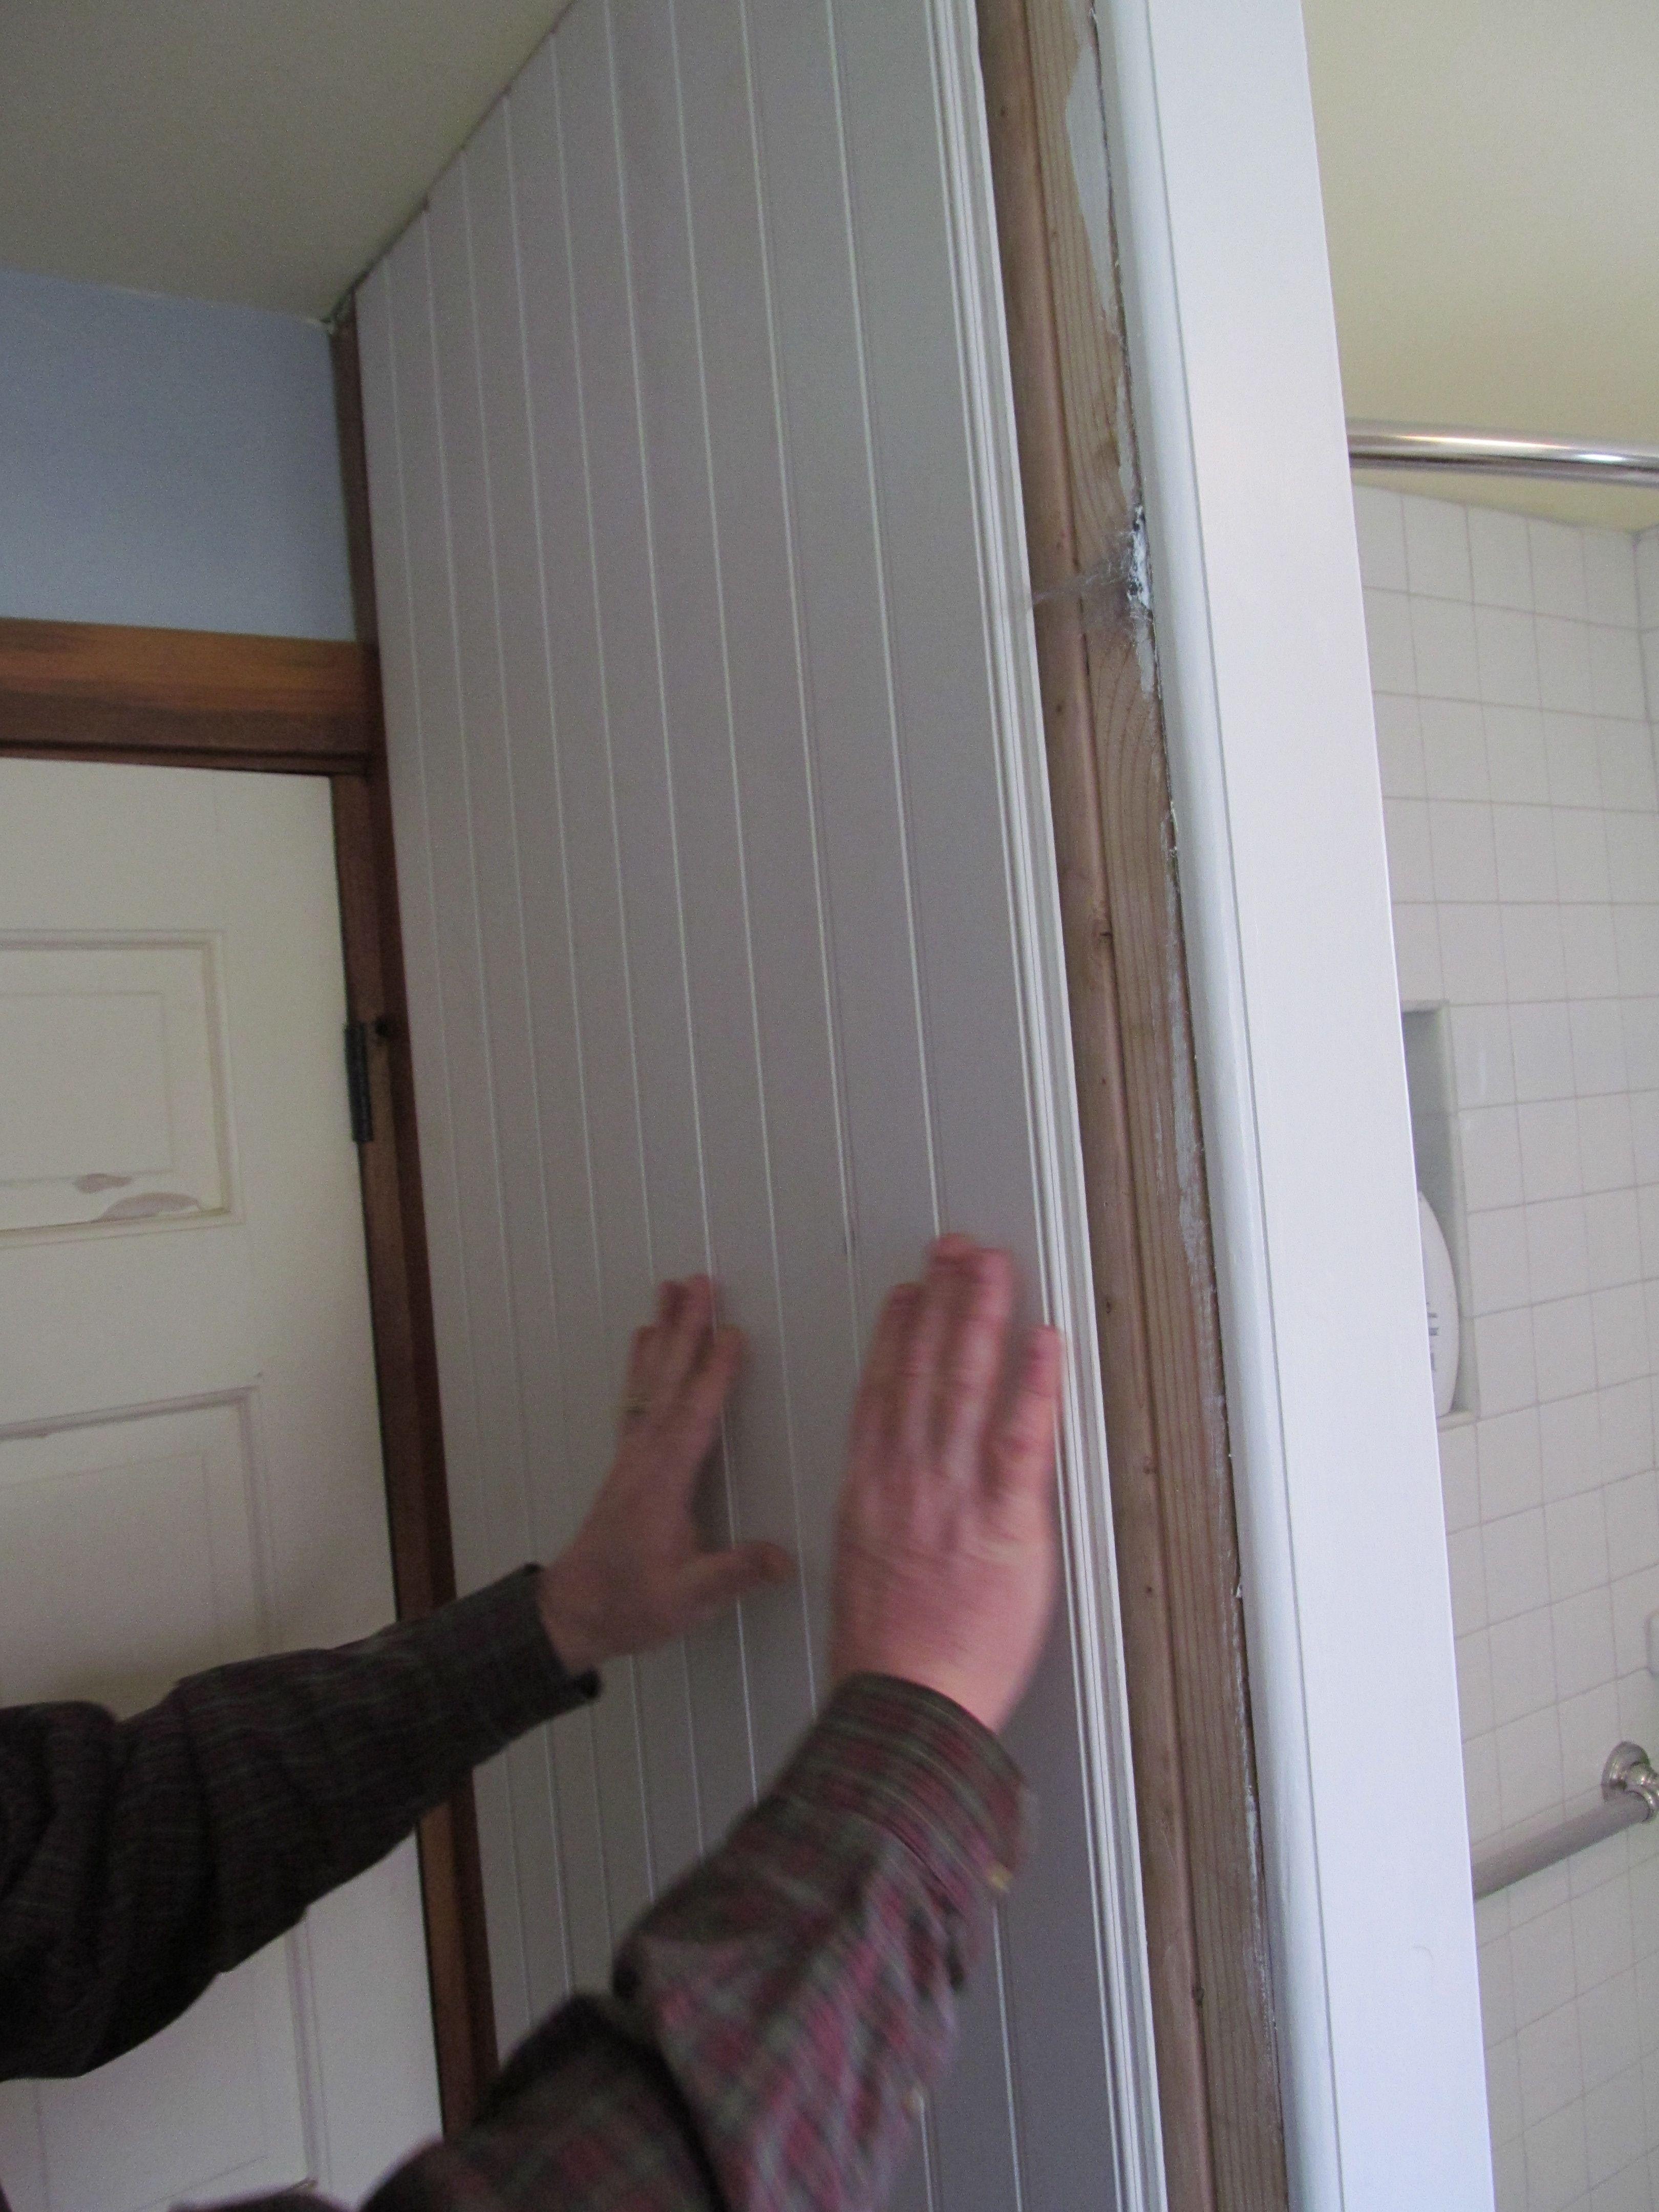 Waterproof Bathroom Wall Panels Lowes. Waterproof Bathroom Wall Panels Lowes   Bathroom Ideas   Pinterest